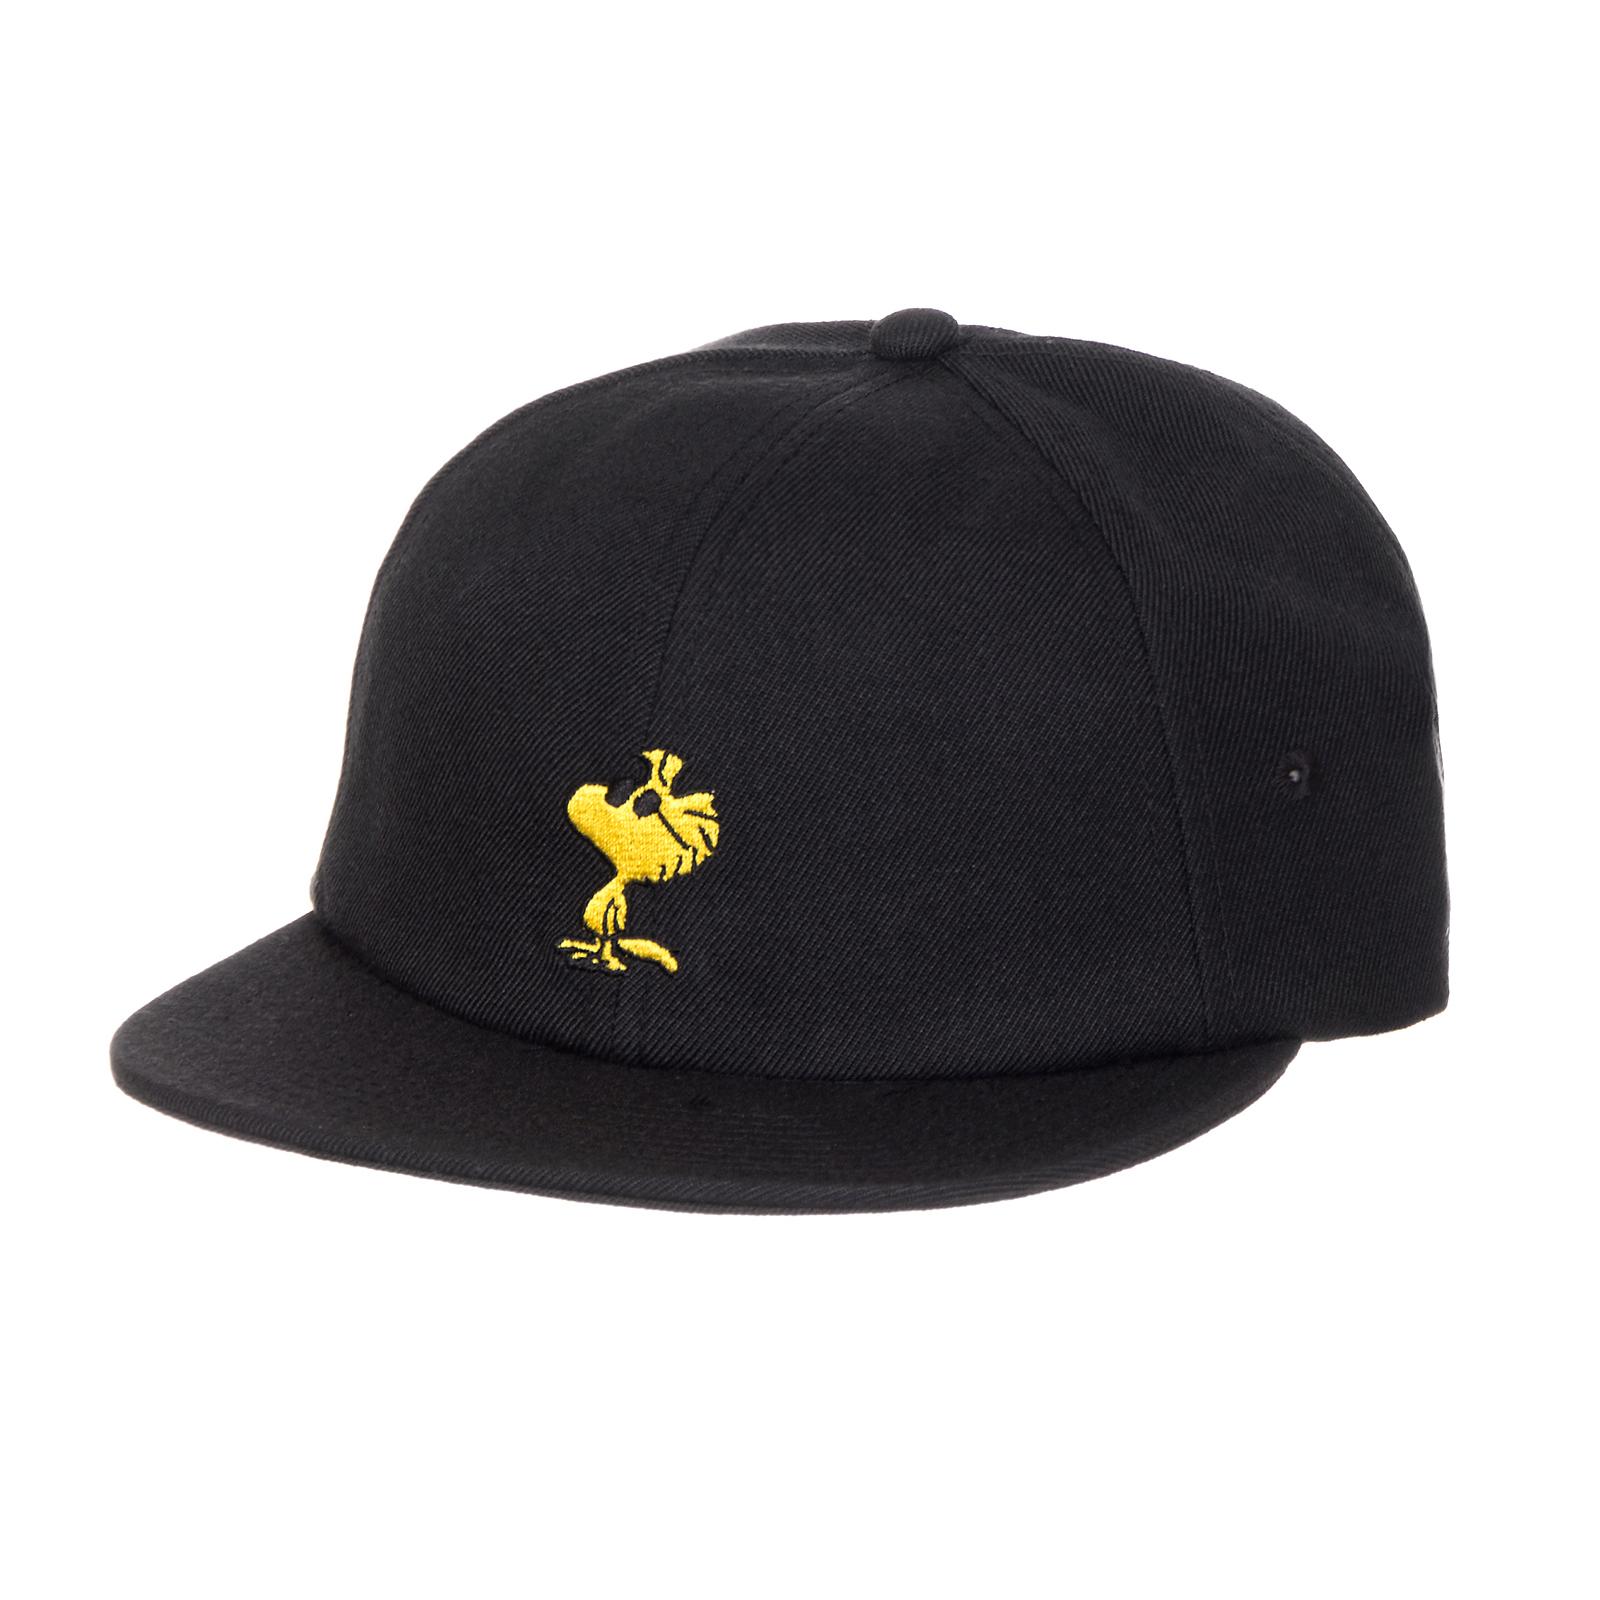 a3138ce2a41 Vans peanuts woodstock jockey cap black a isblk ebay jpg 1600x1600 Jockey  cap